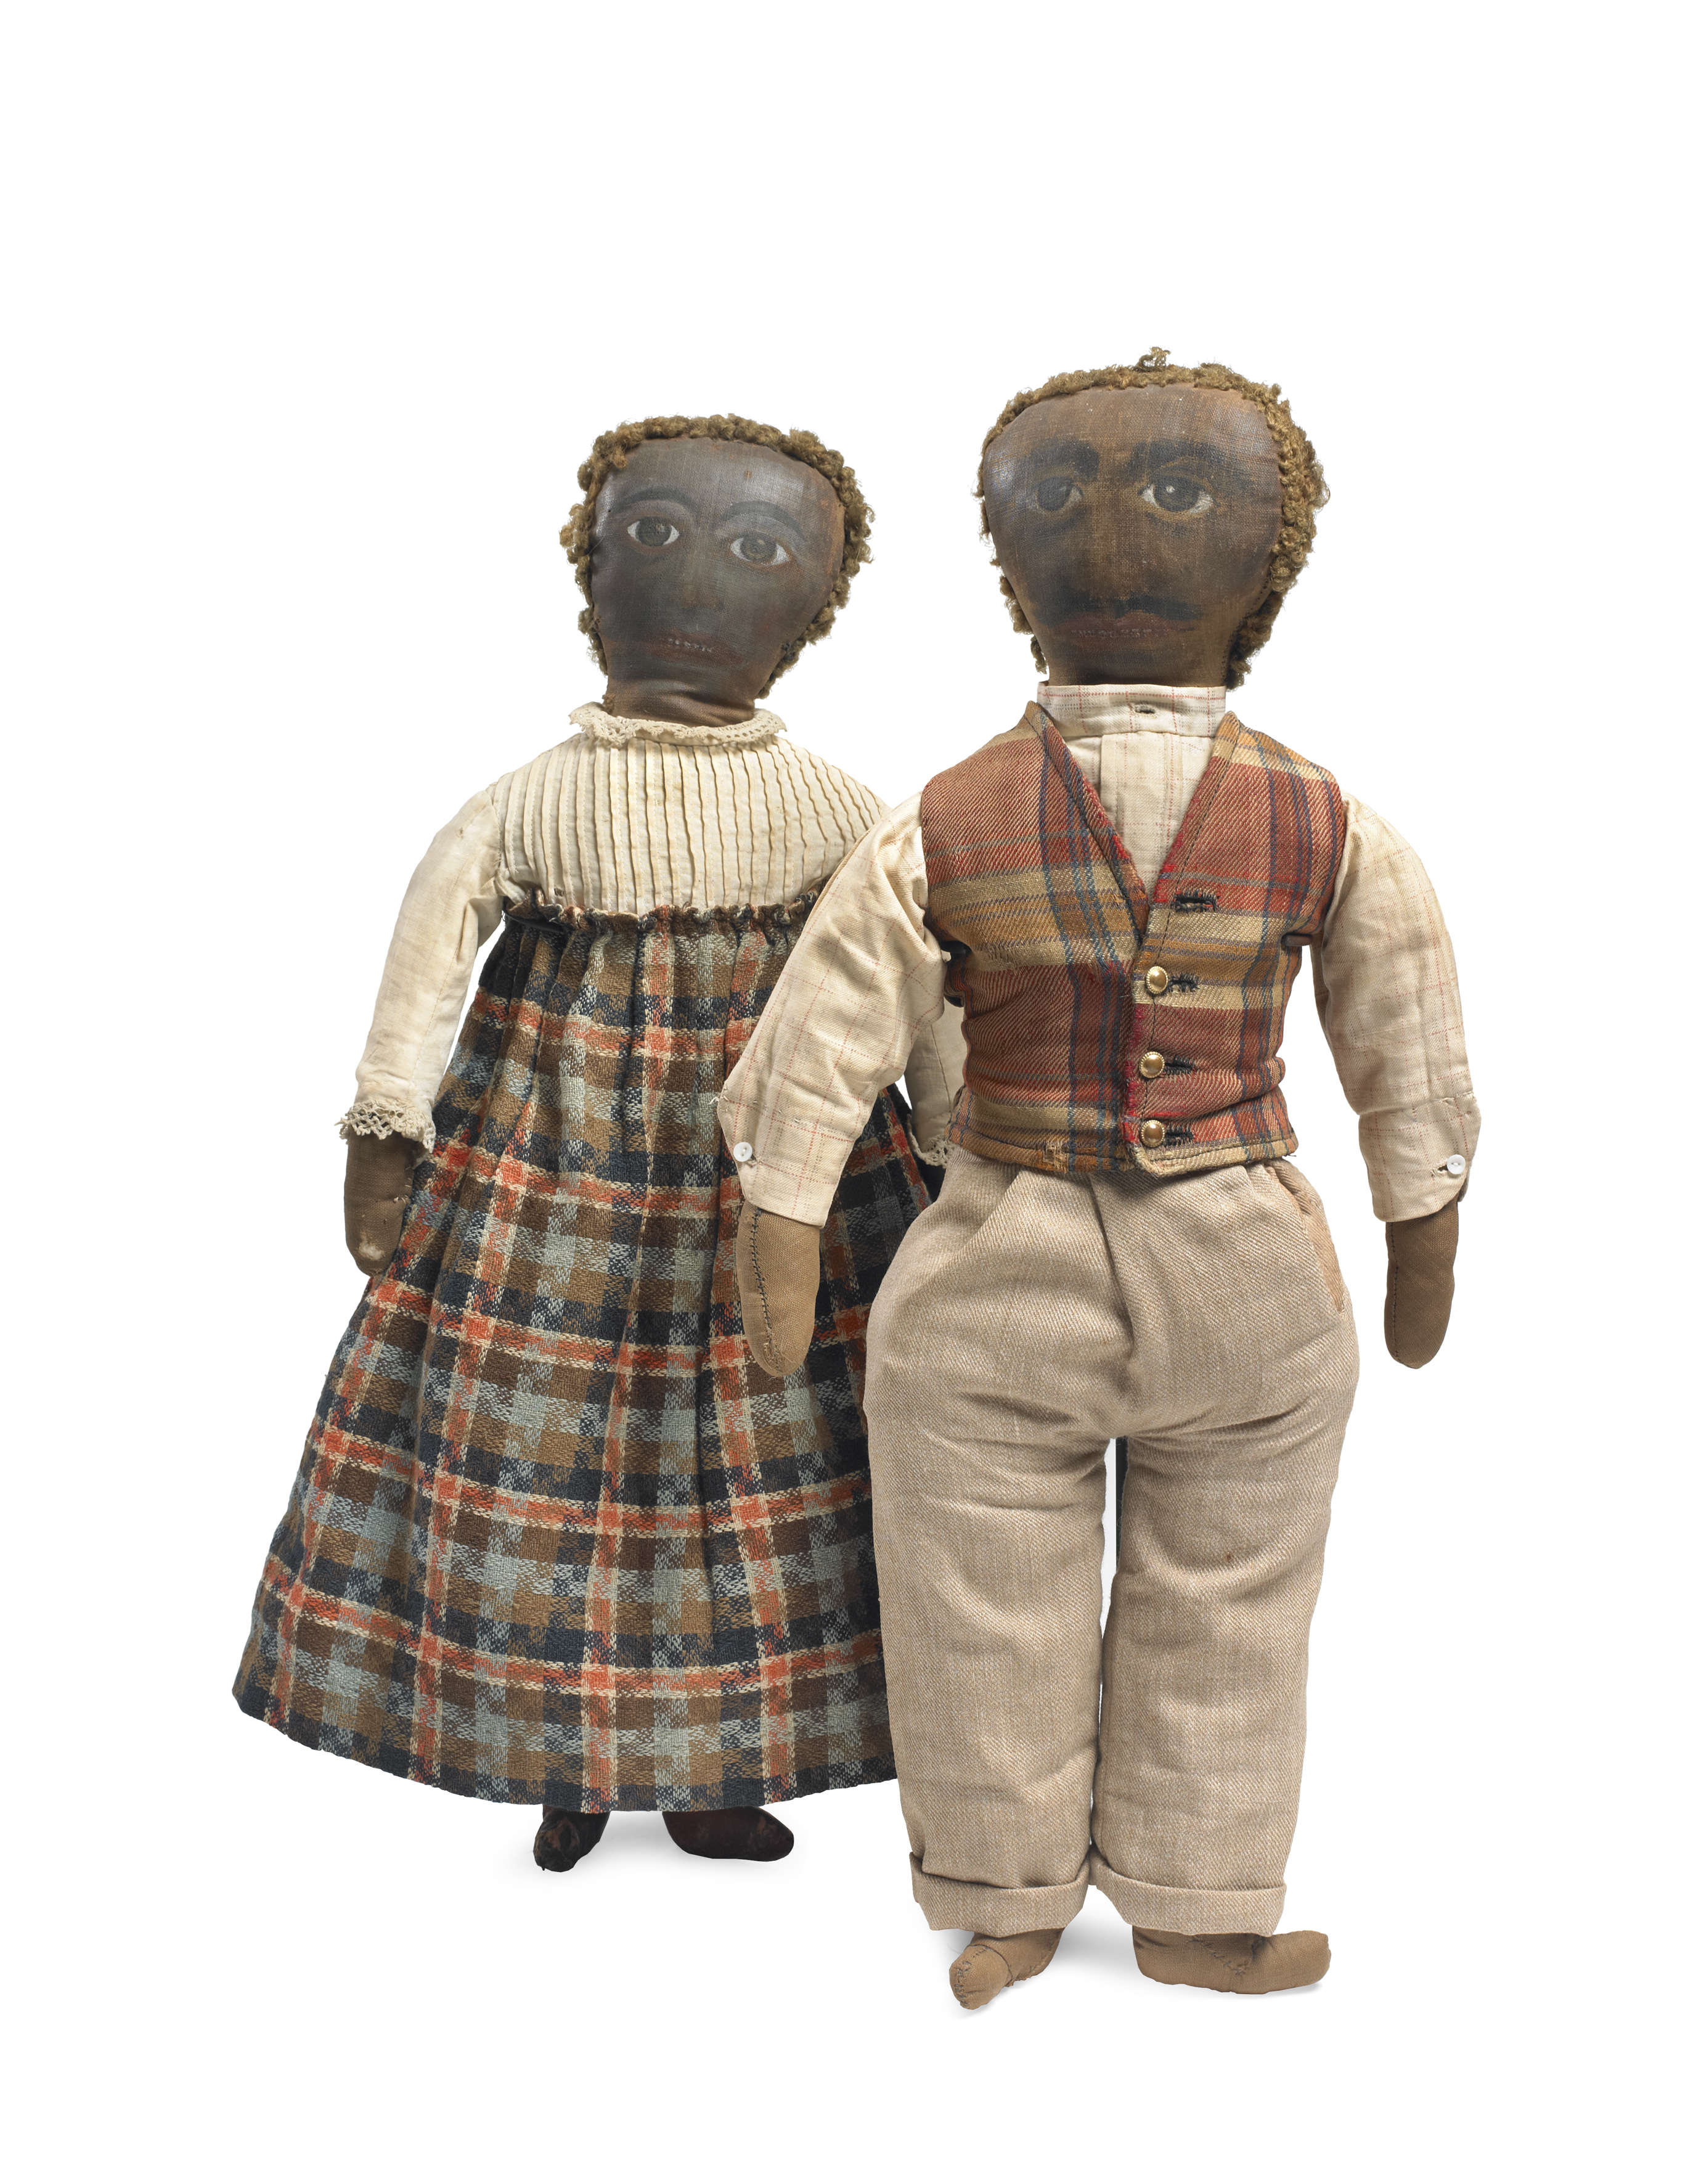 """«Ce couple aux vêtements coordonnés et aux traits peints évoque les portraits du Fayoum [ensemble de peintures de l'Egypte romaine]. Ces poupées tirent, de fait, du côté du portrait.On pourra dire à raison qu'elles sont """"jolies""""ou de magnifique facture, car elles sont l'œuvre d'une main experte en couture, des fronces raffinées de Madame à la petite poche fonctionnelle de Monsieur. »"""